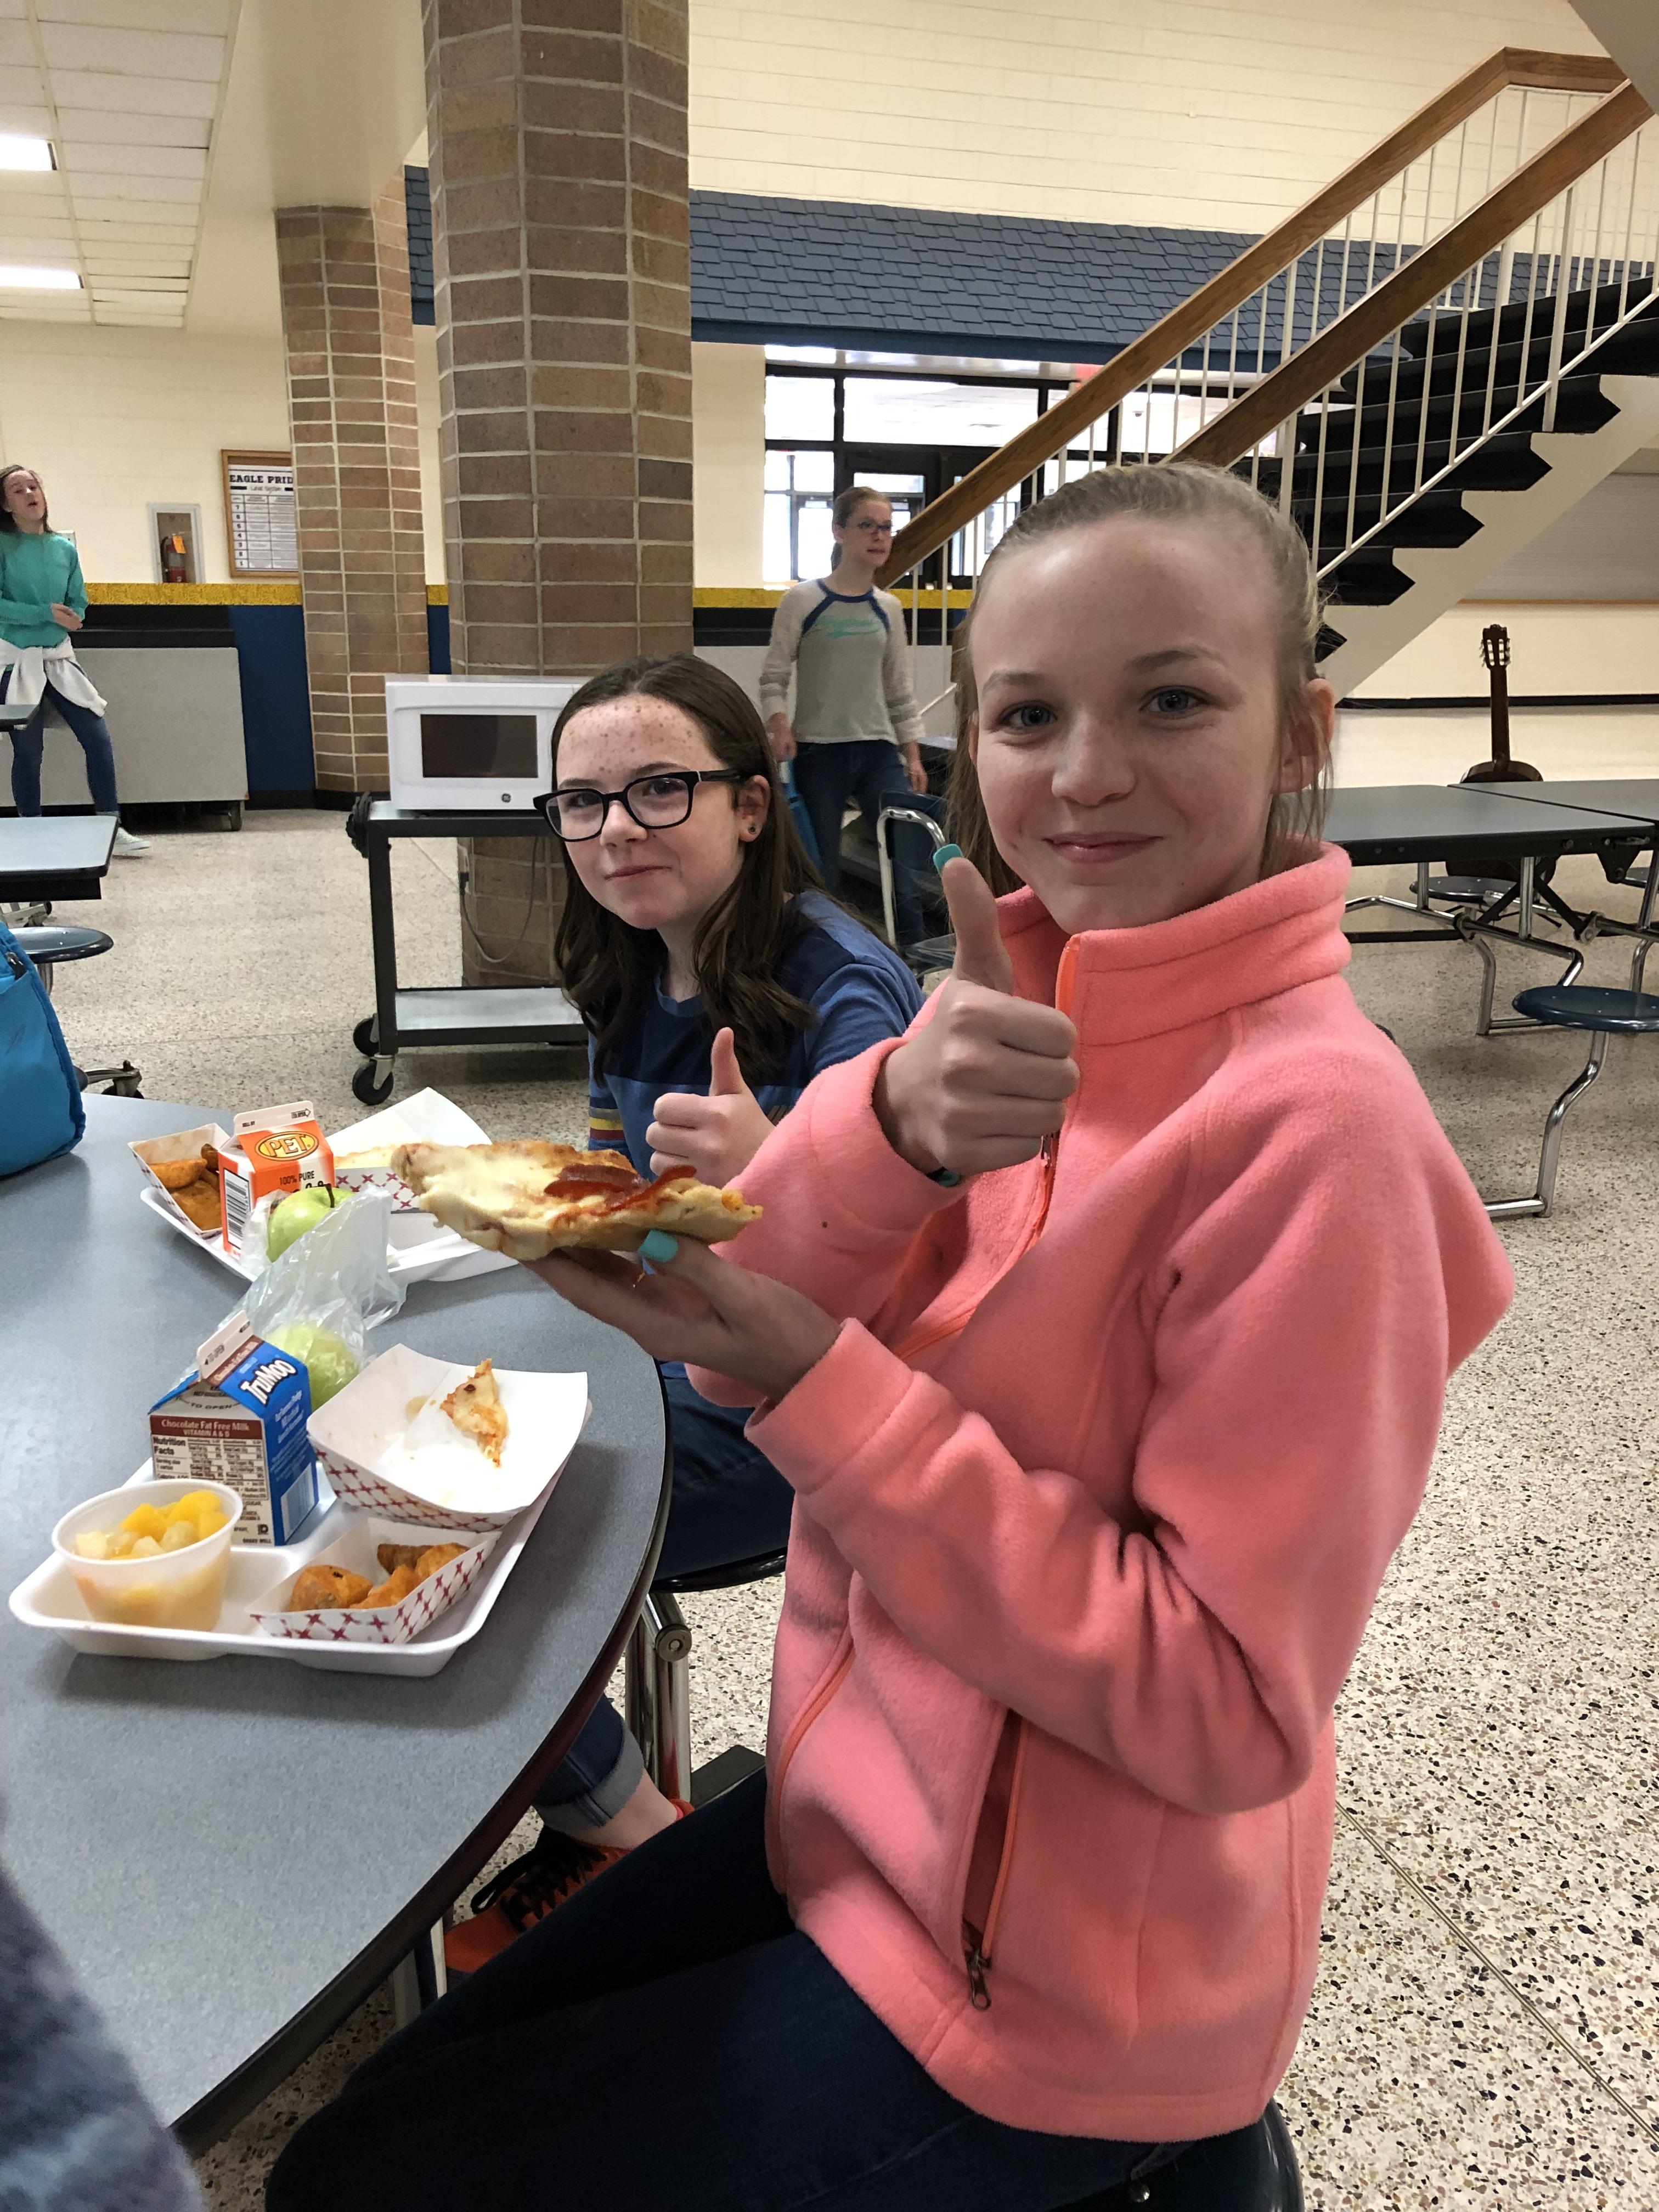 Enjoying School Breakfast